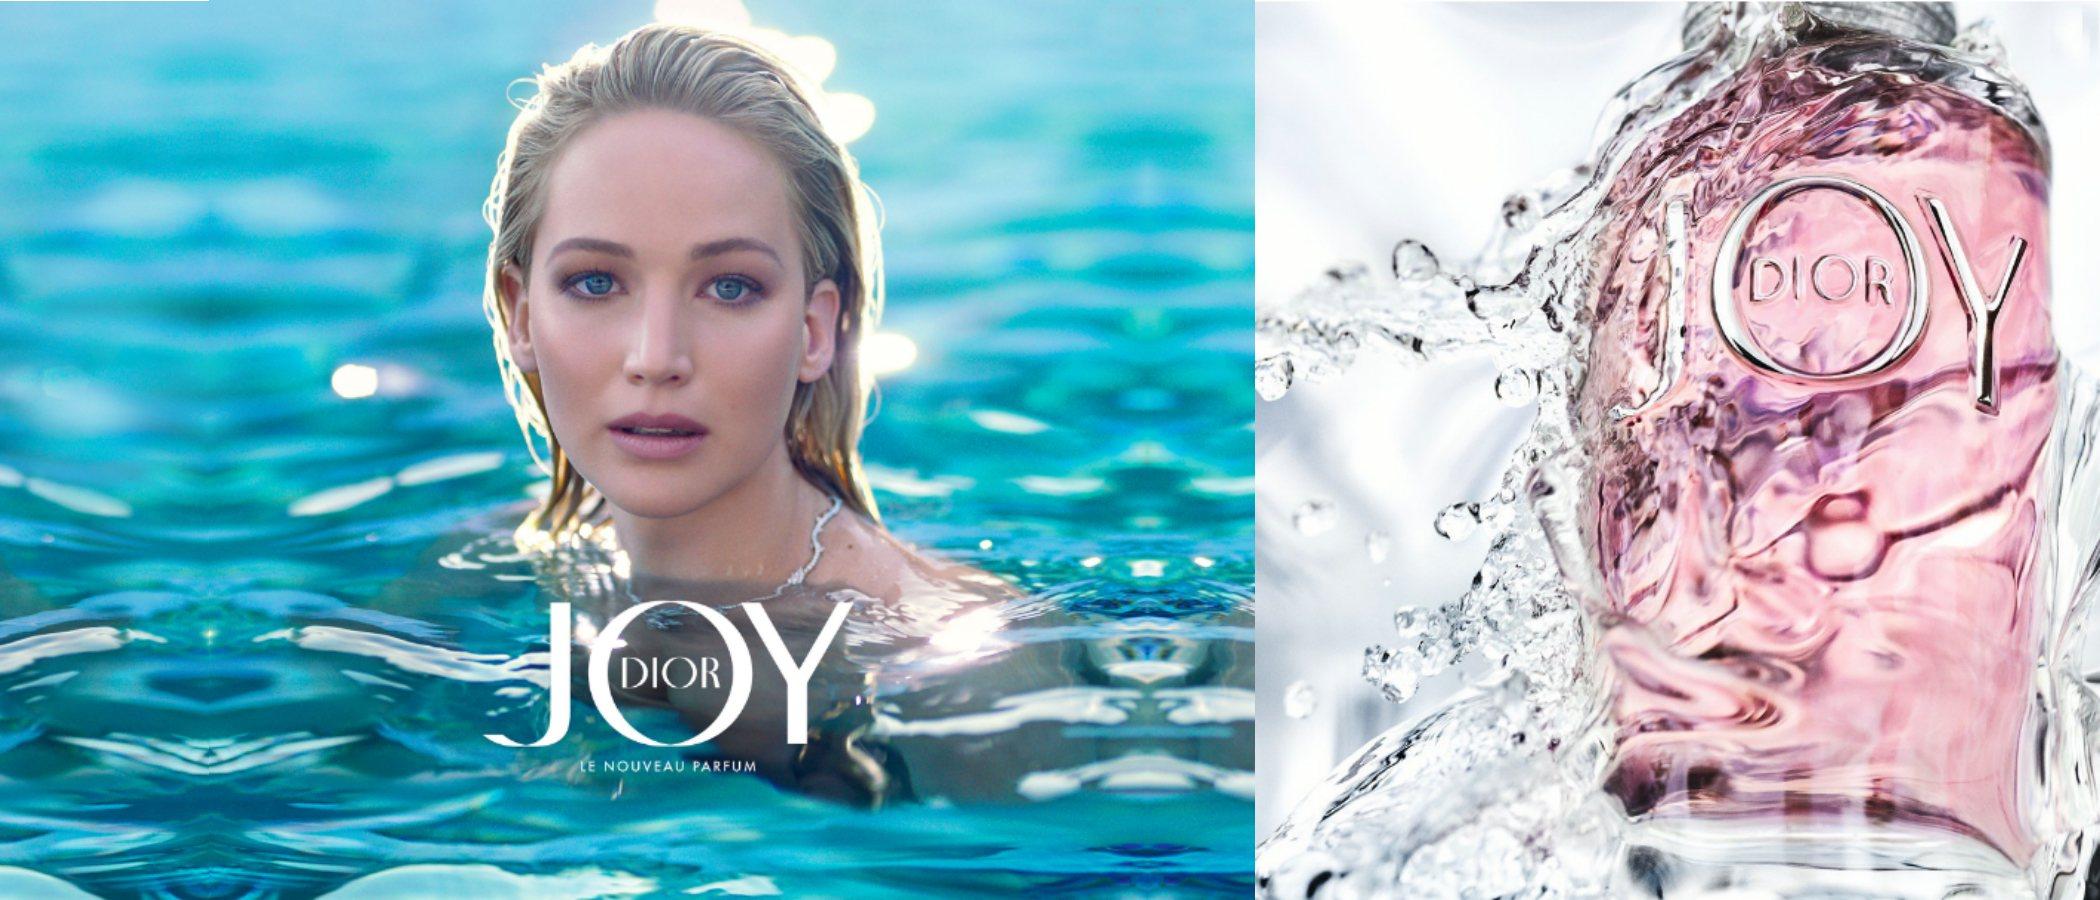 Jennifer Lawrence presenta 'Joy by Dior', el nuevo perfume para mujer de la casa francesa